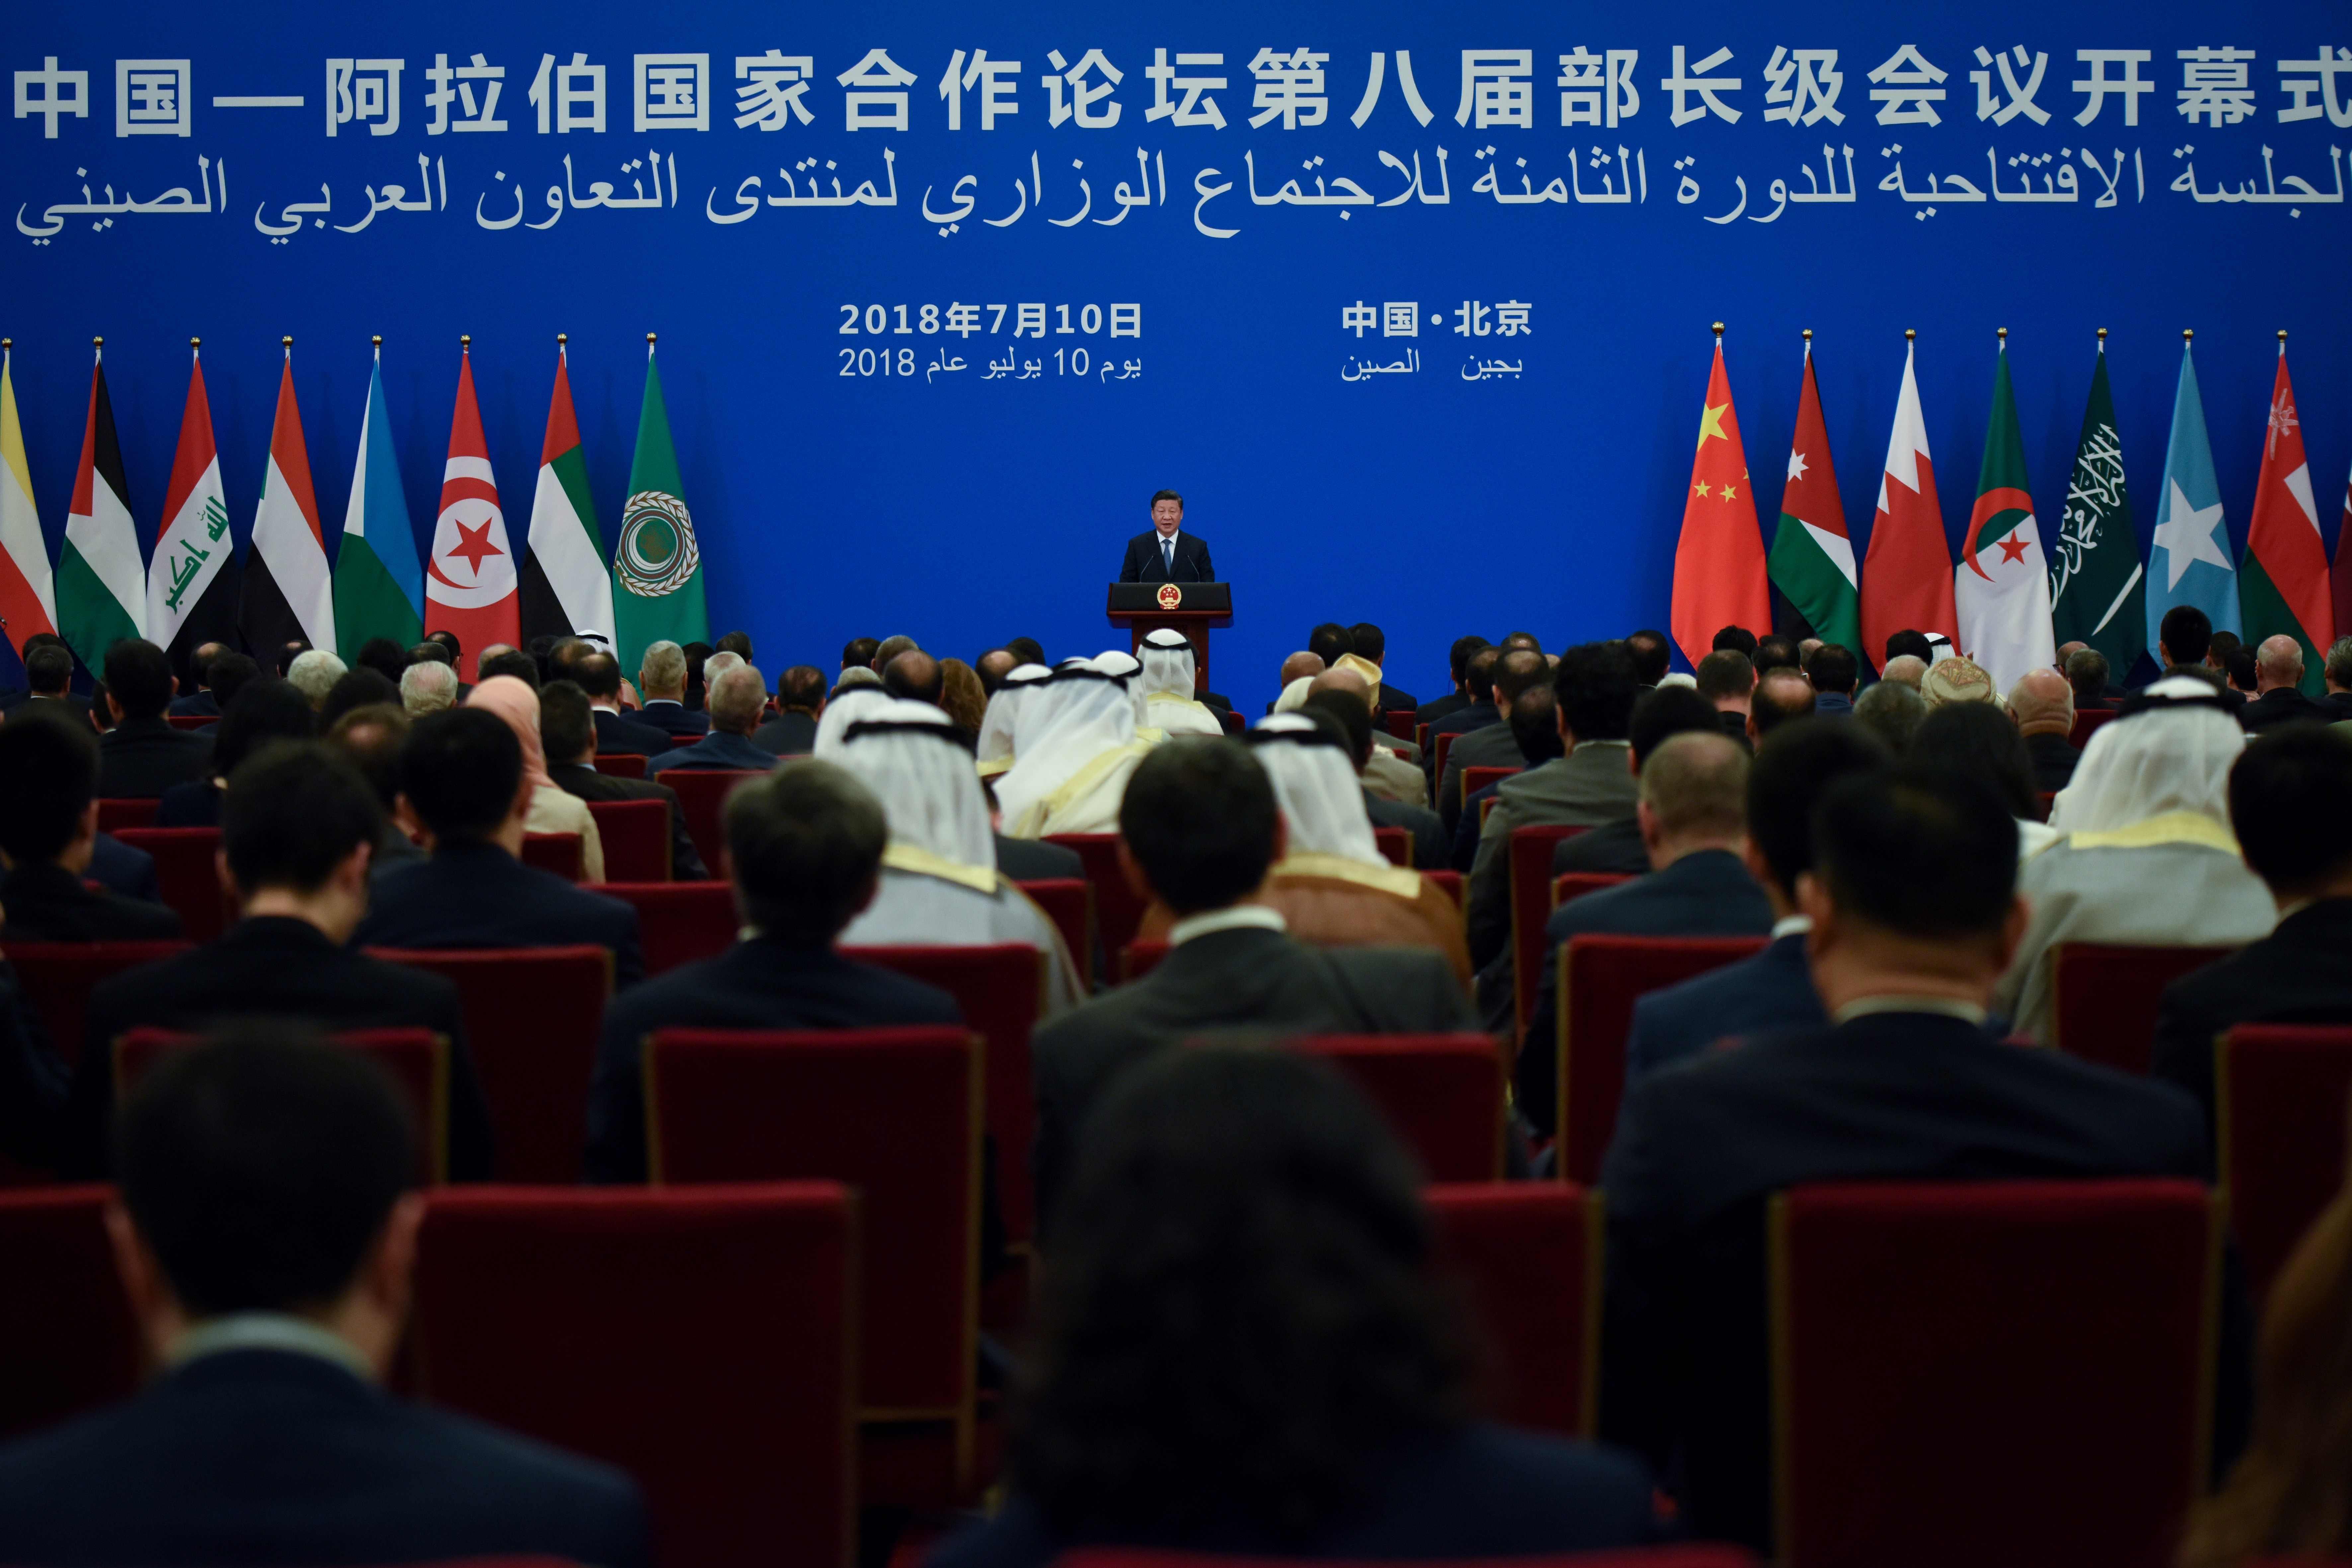 الدورة الثامنة للاجتماع الوزارى للمنتدى الصينى العربى